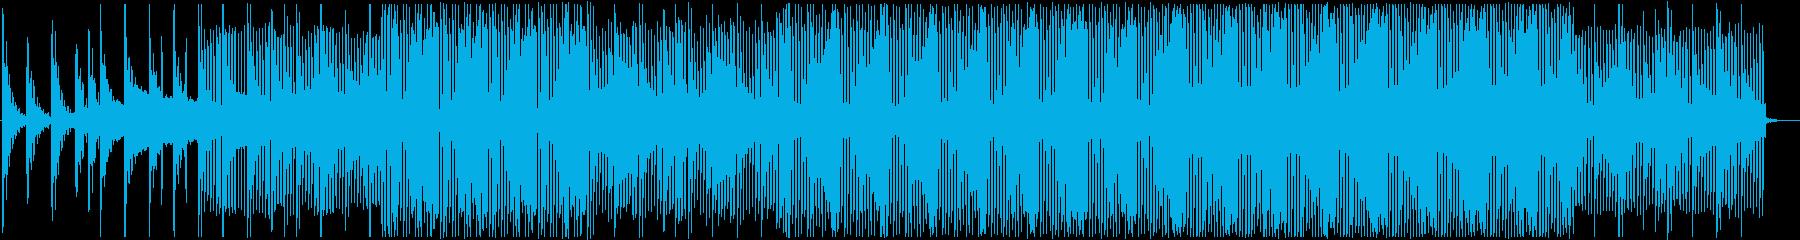 爽やか穏やかなピアノハウスの再生済みの波形